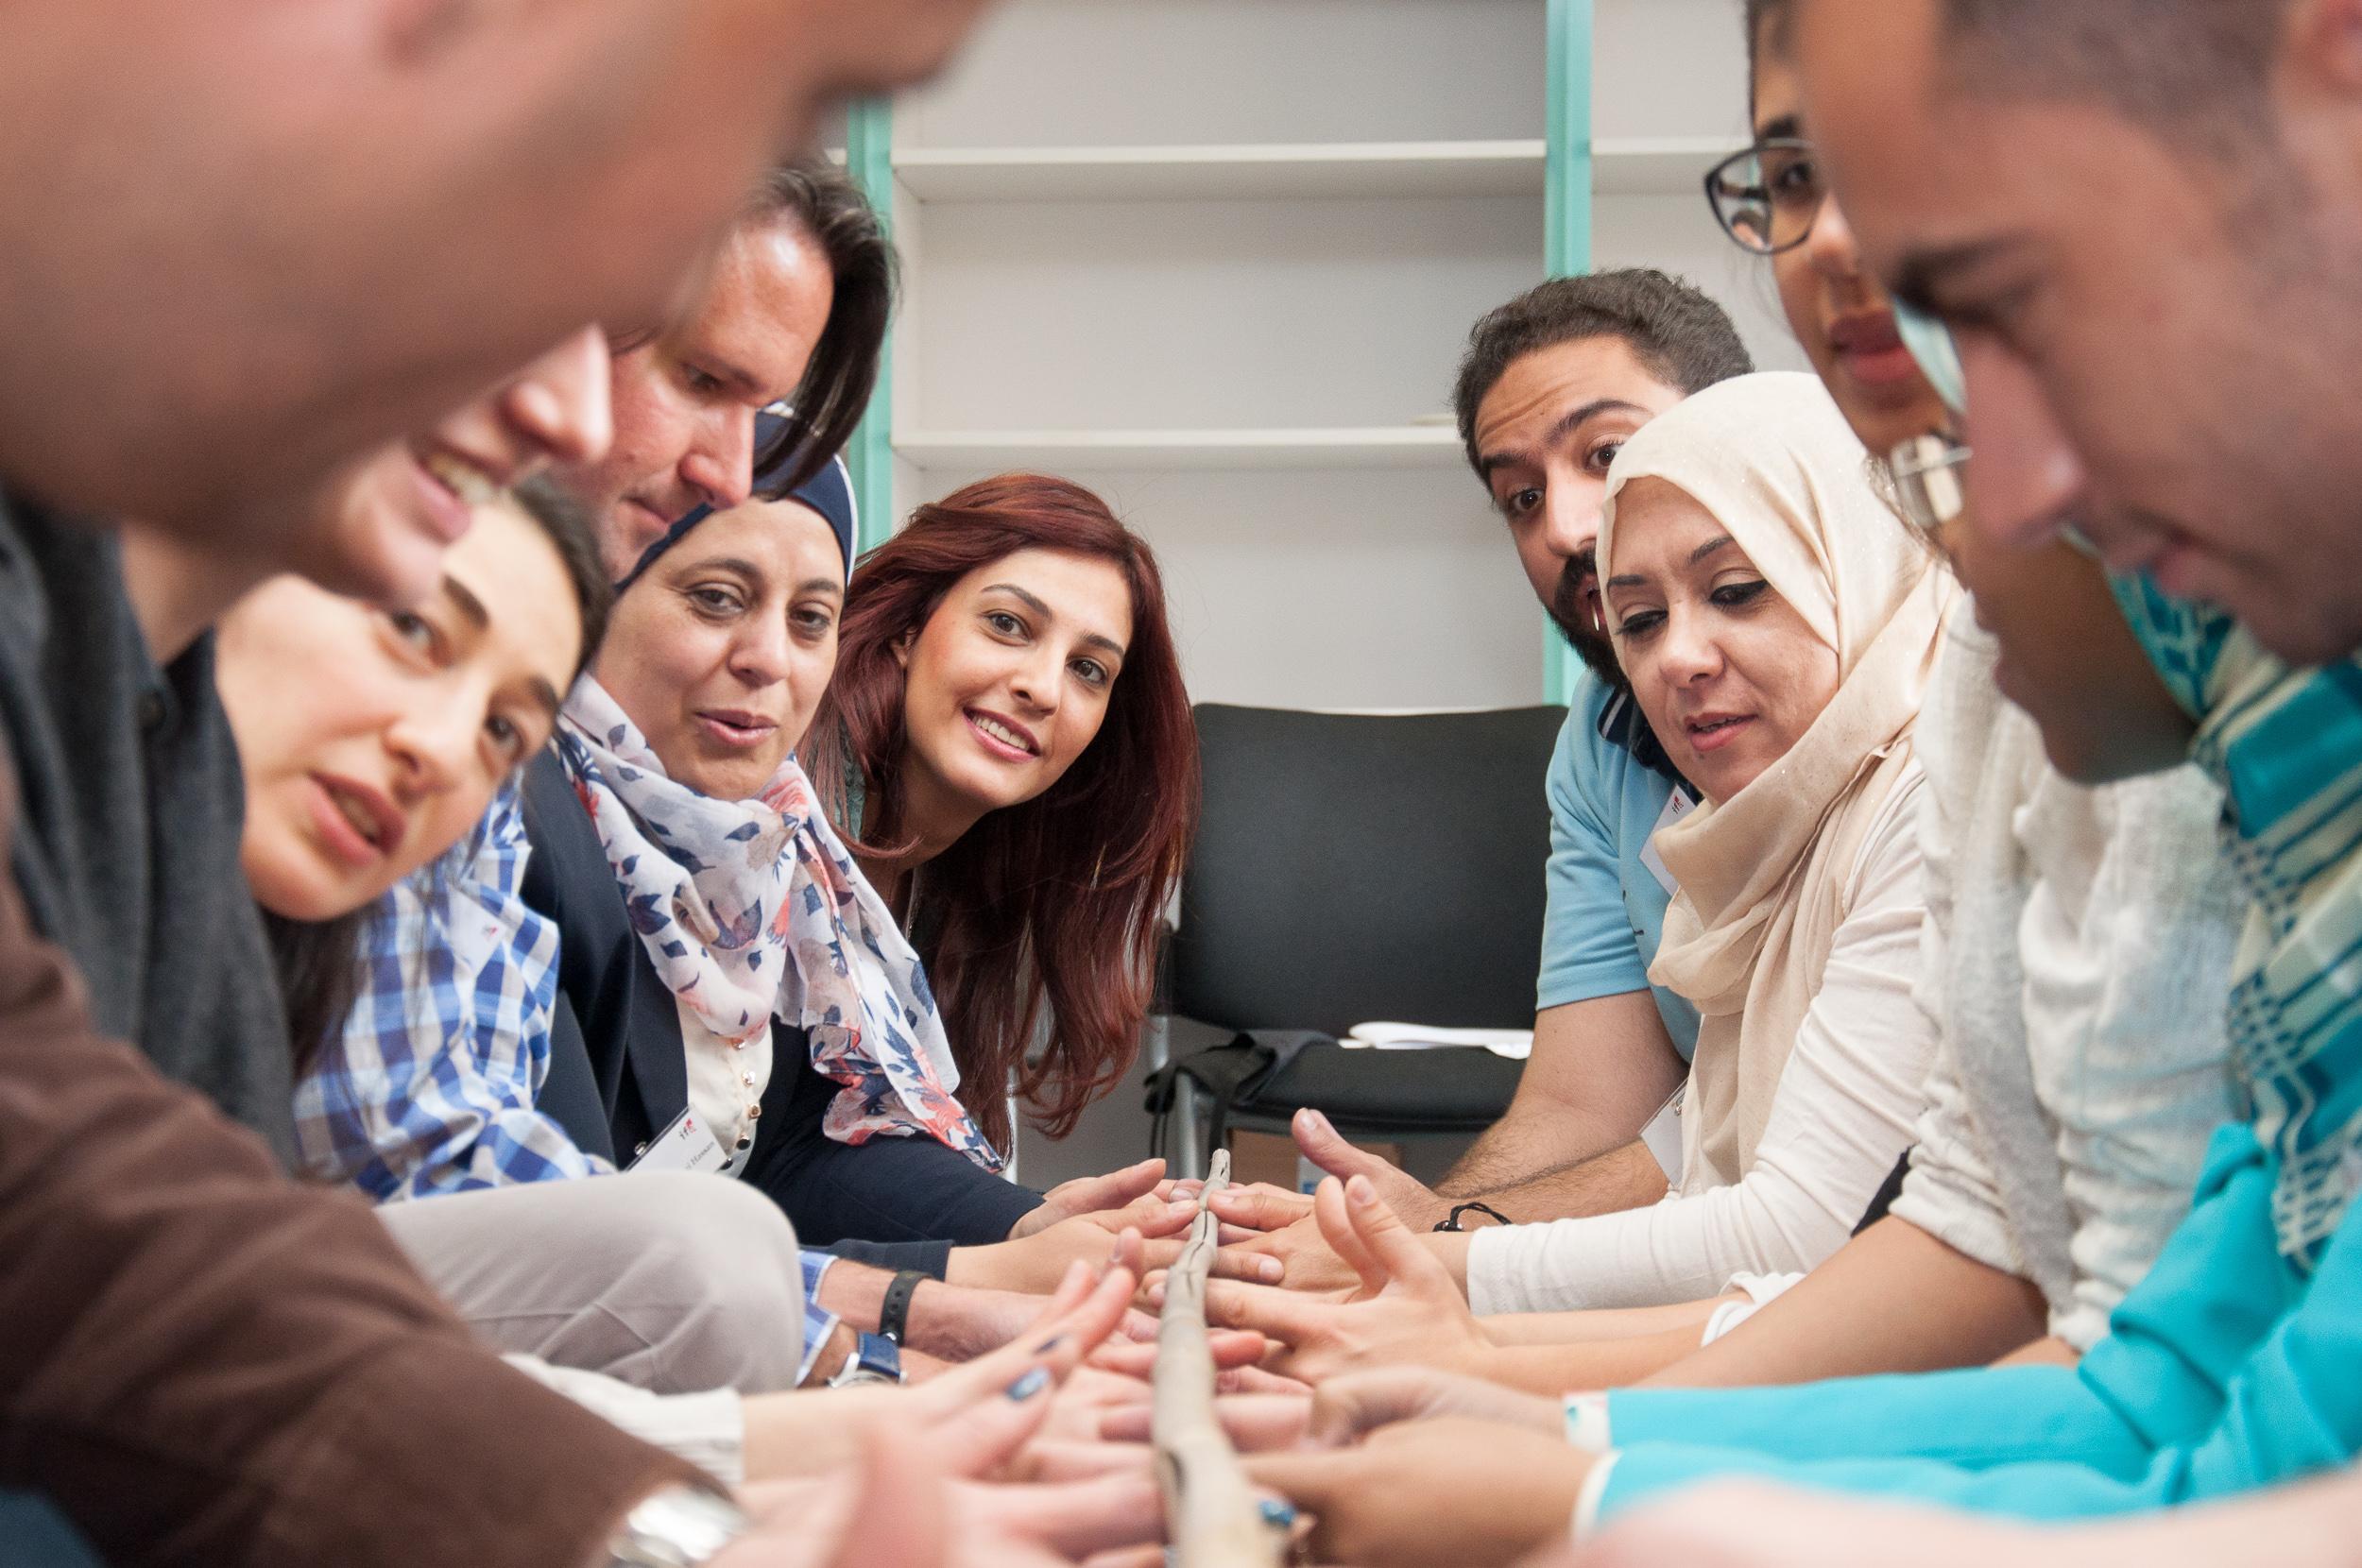 یک فرصت عالی کارآموزی برای روابط بینالمللی فرهنگی